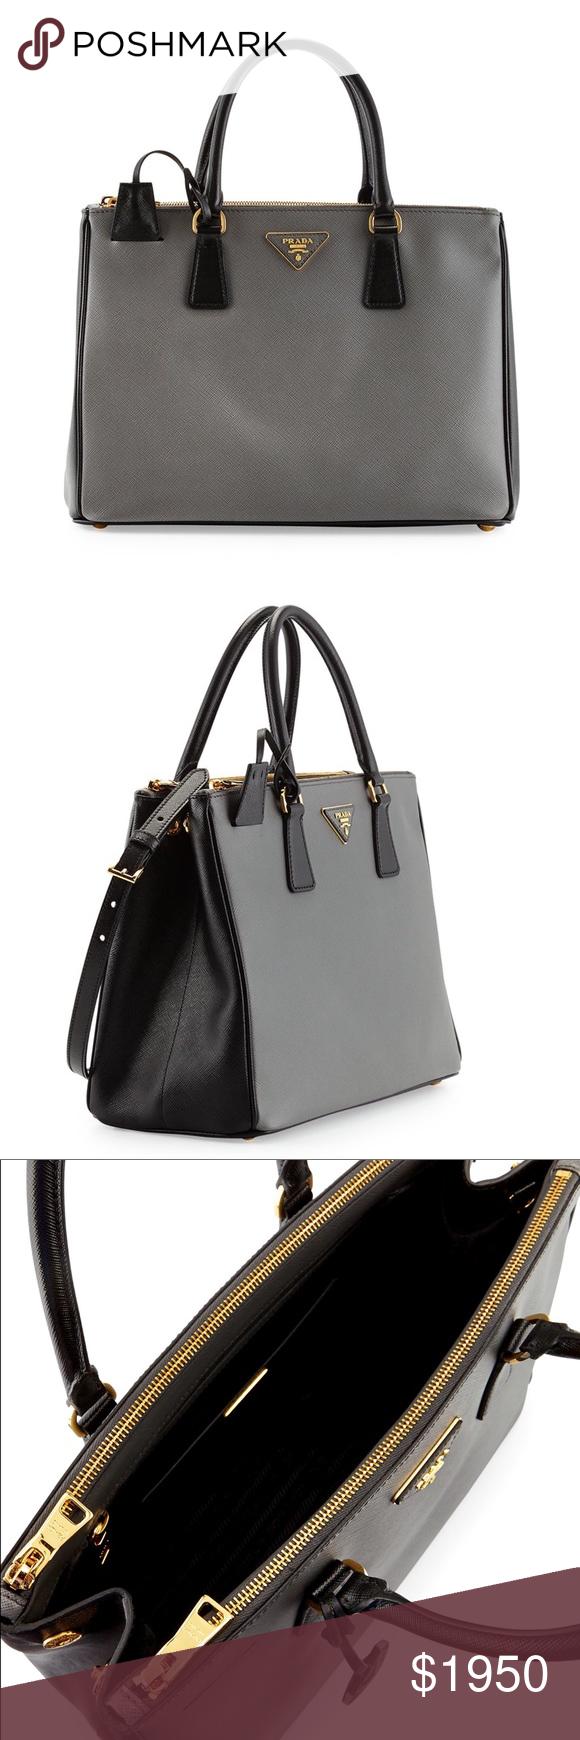 db194a3a8a96 Prada Bicolor Saffiano Leather Purse 🙌 Classic Saffiano Lux Bicolor  Double-Zip Tote Bag